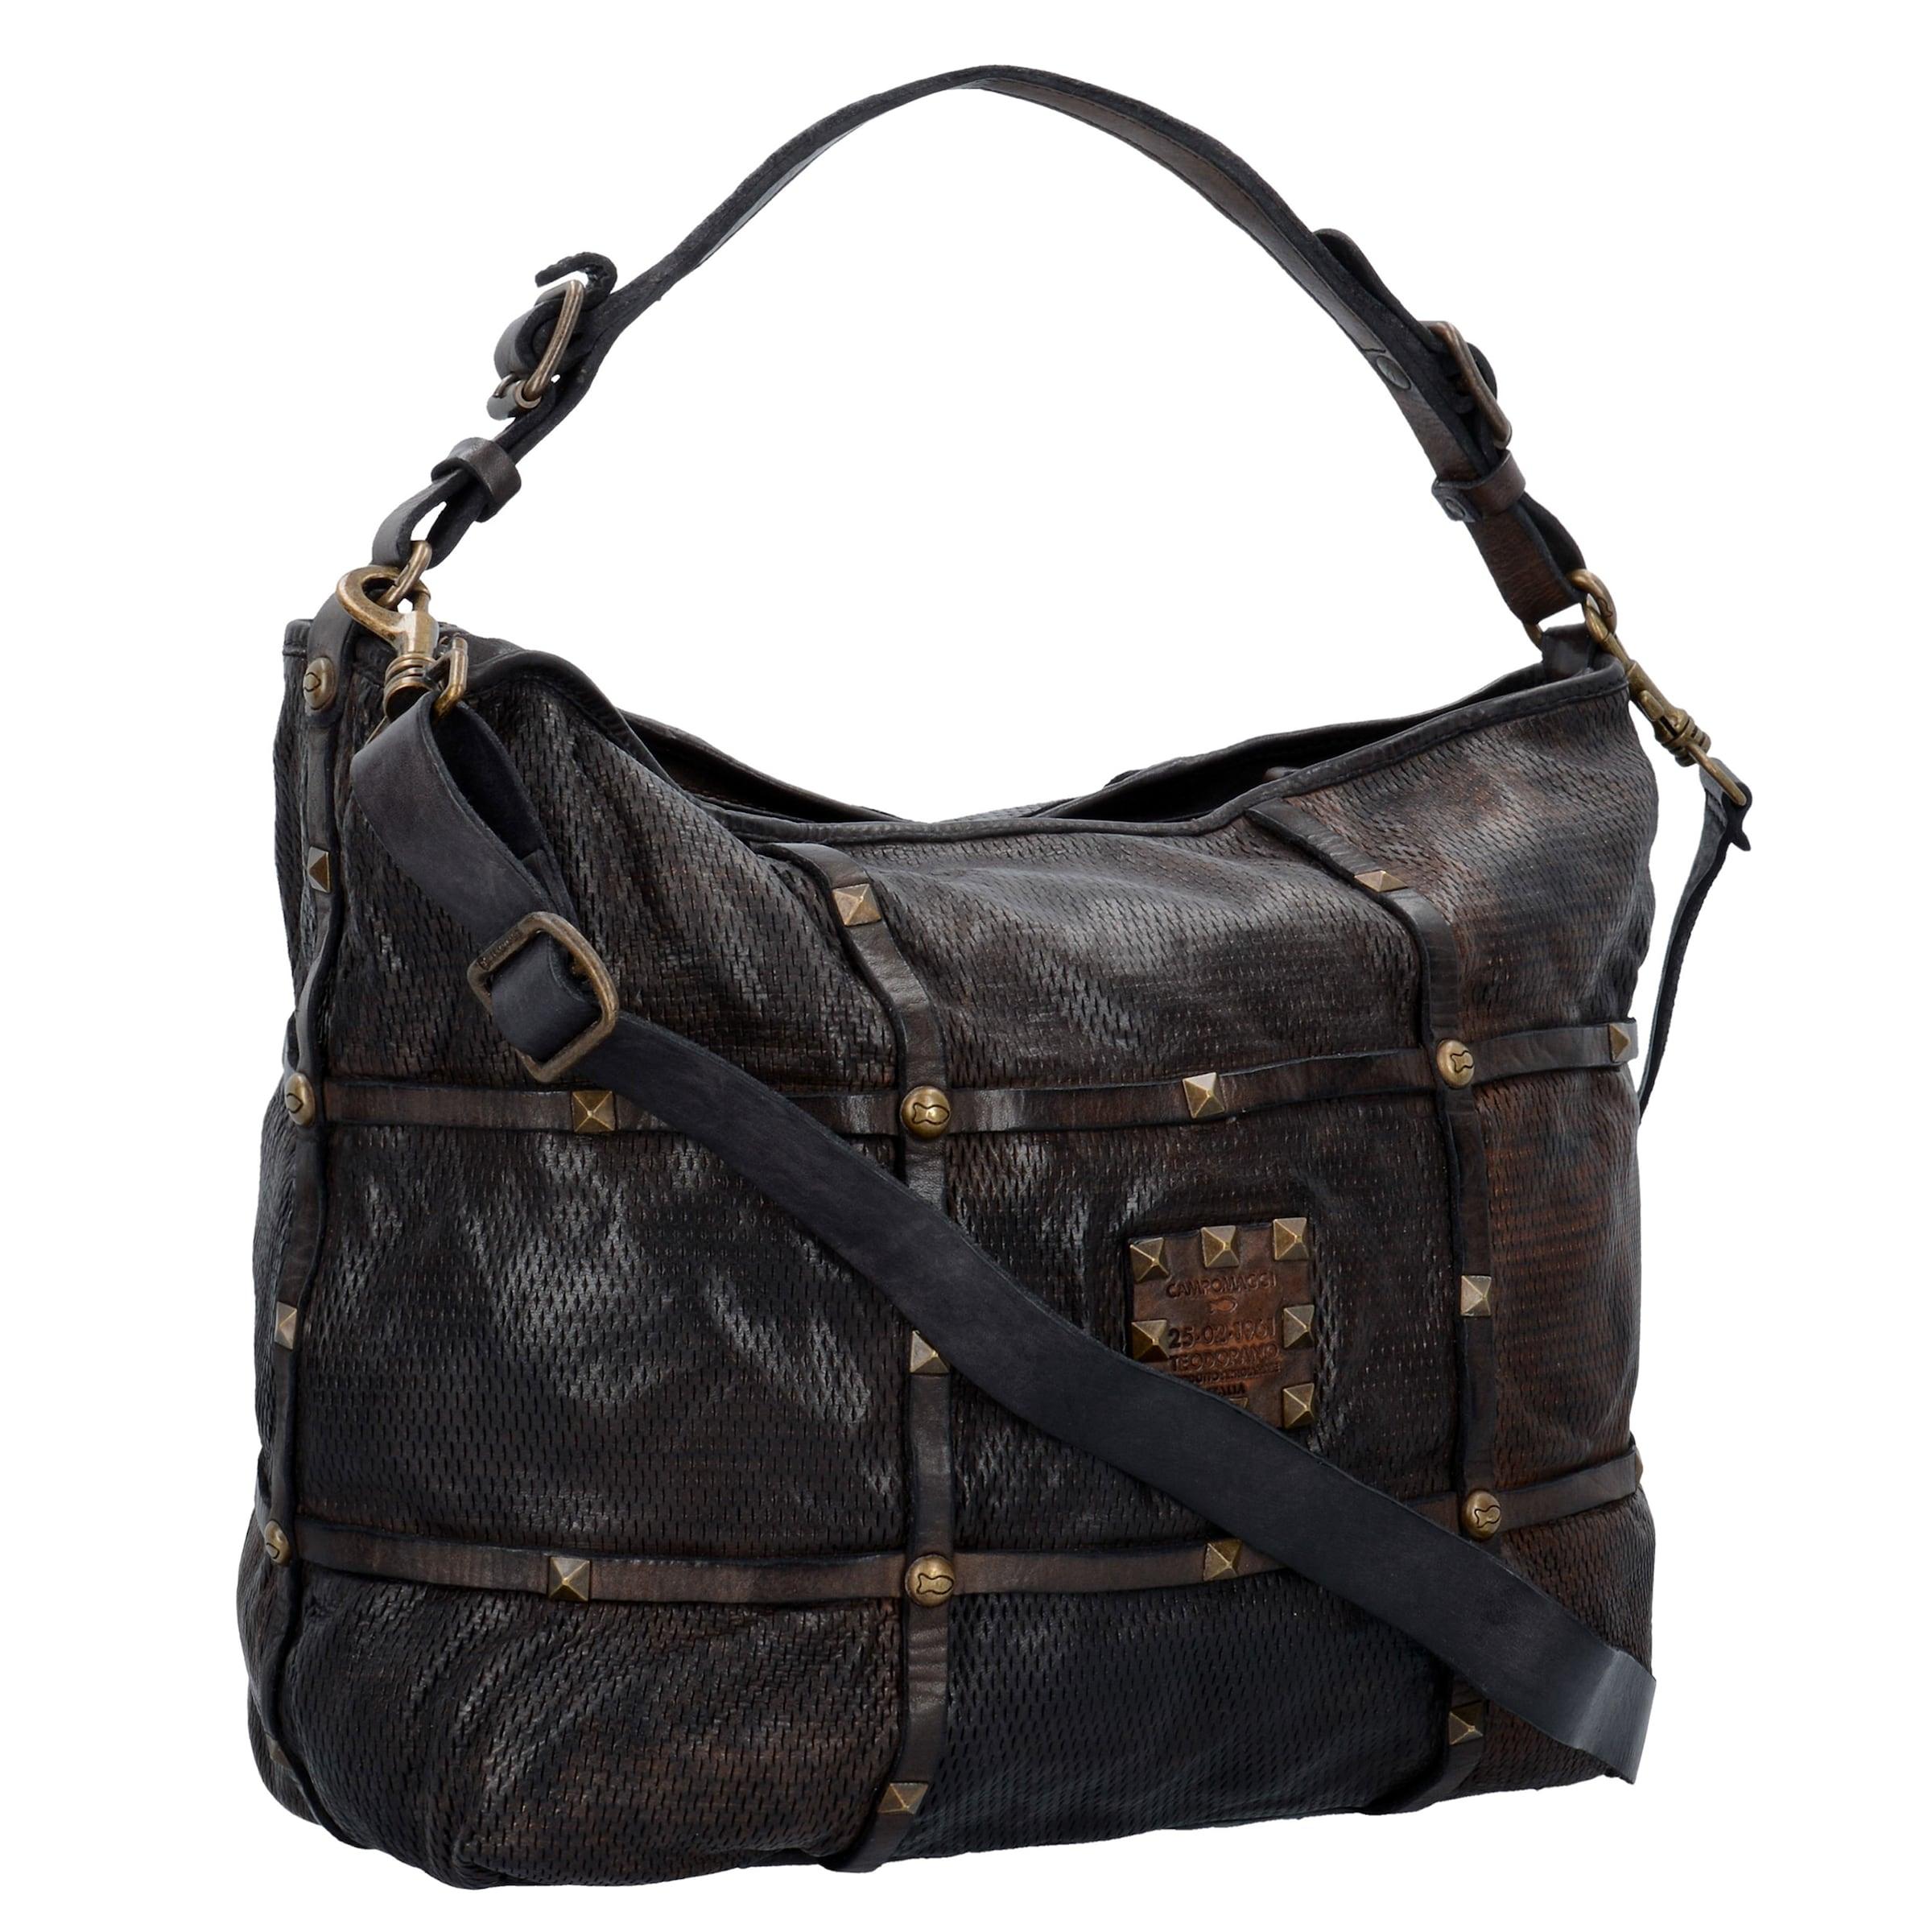 Campomaggi Clematide Shopper Tasche Leder 32 cm Frei Versendende Qualität Niedriger Preis Verkauf Genießen Outlet Rabatt Zum Verkauf Zum Verkauf kPKHZ